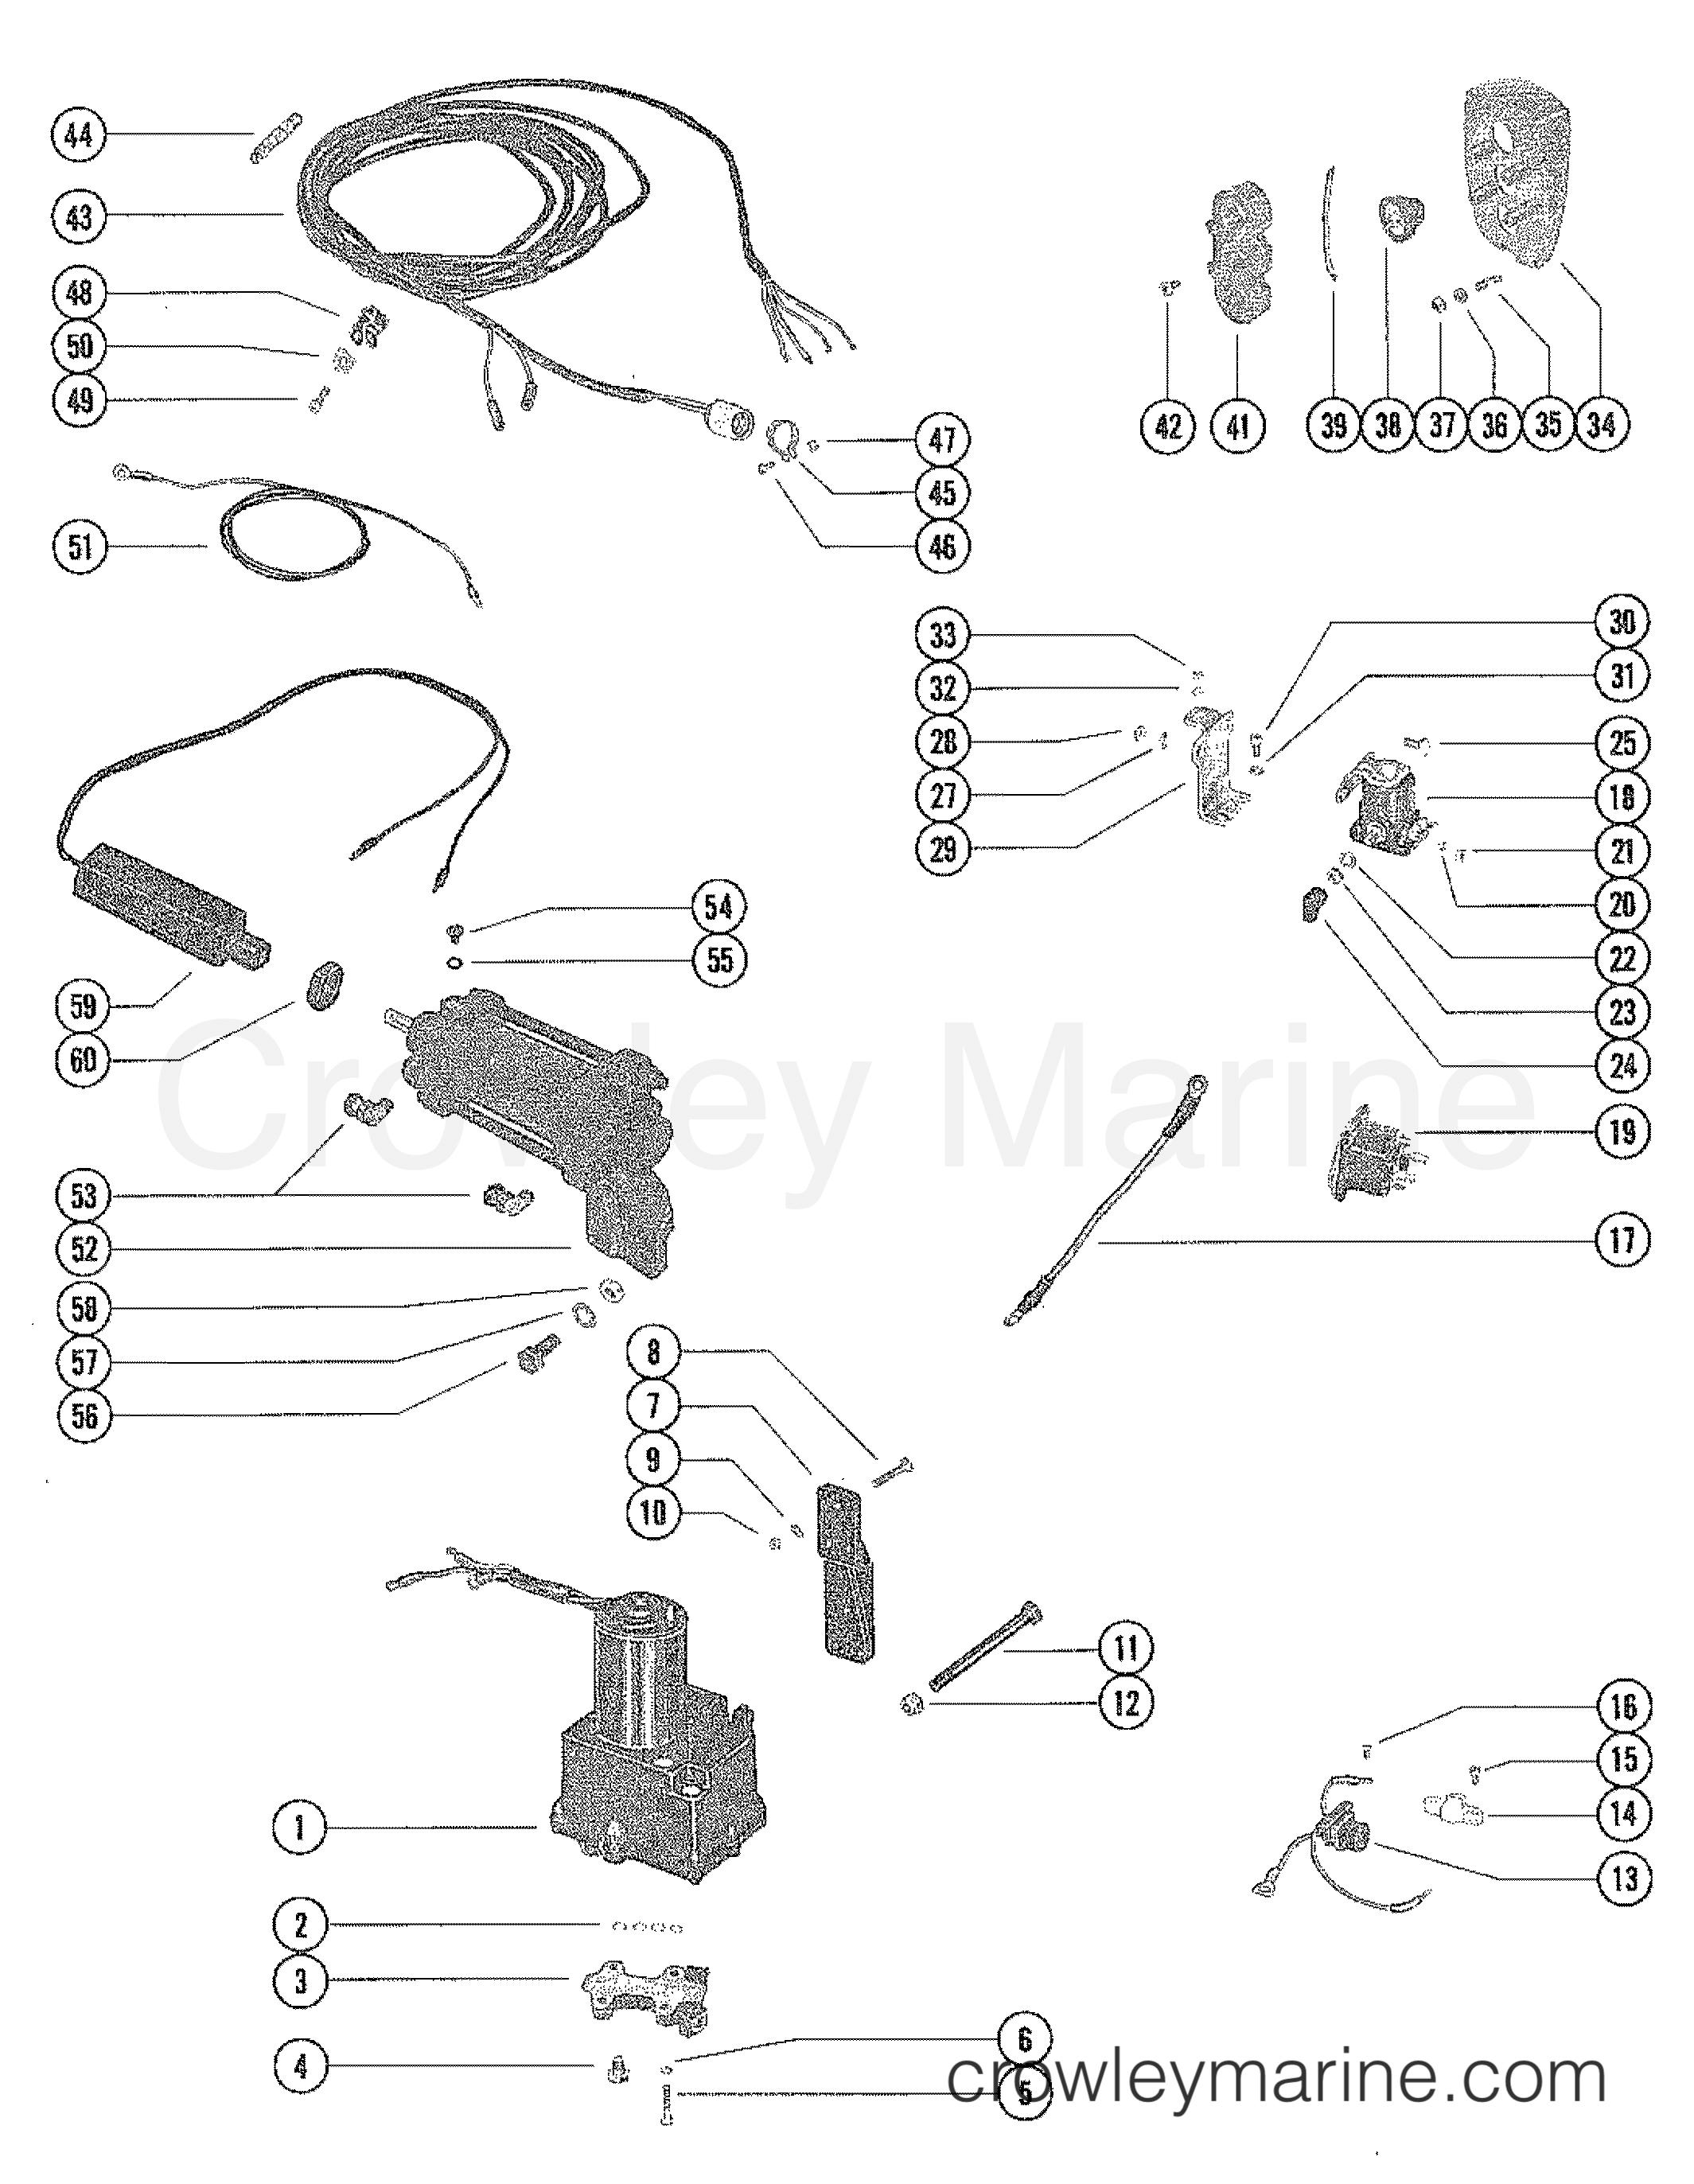 1977 mercruiser 120 manual pdf